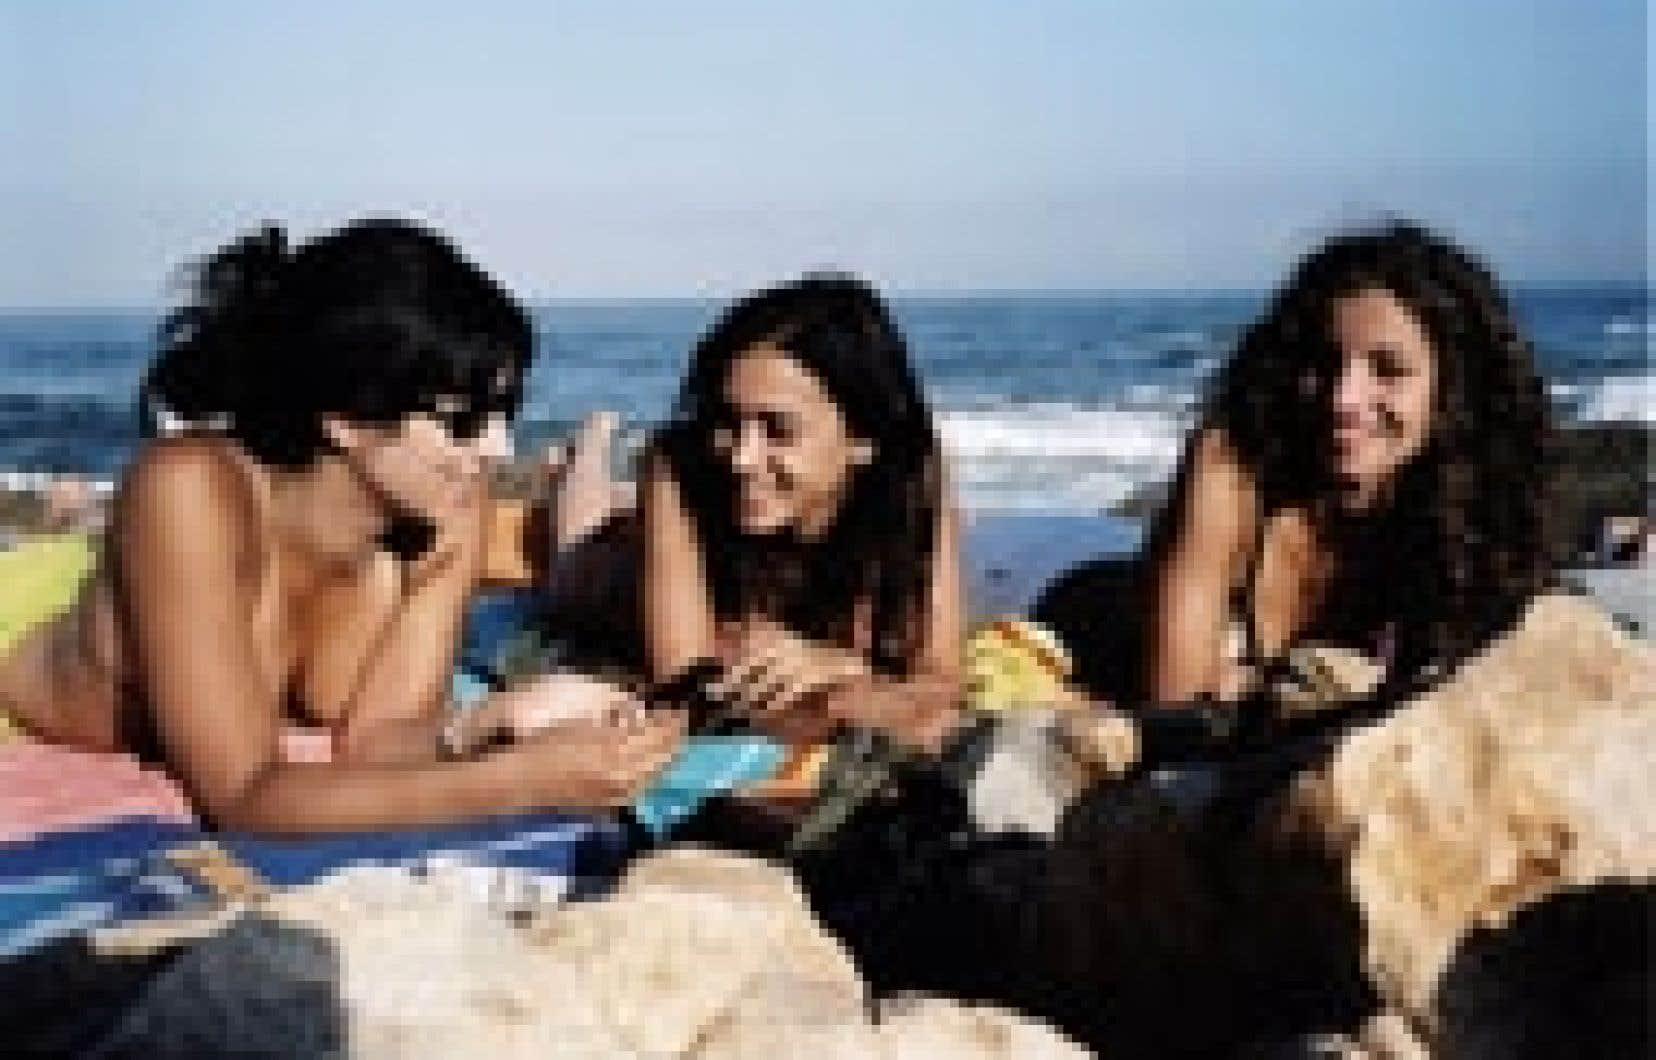 Le film Marock (2005) de la réalisatrice Leila Marrakchi est un témoignage récent du féminisme arabo-musulman qui prend de plus en plus de vigueur dans certains pays. Source: Christal Films